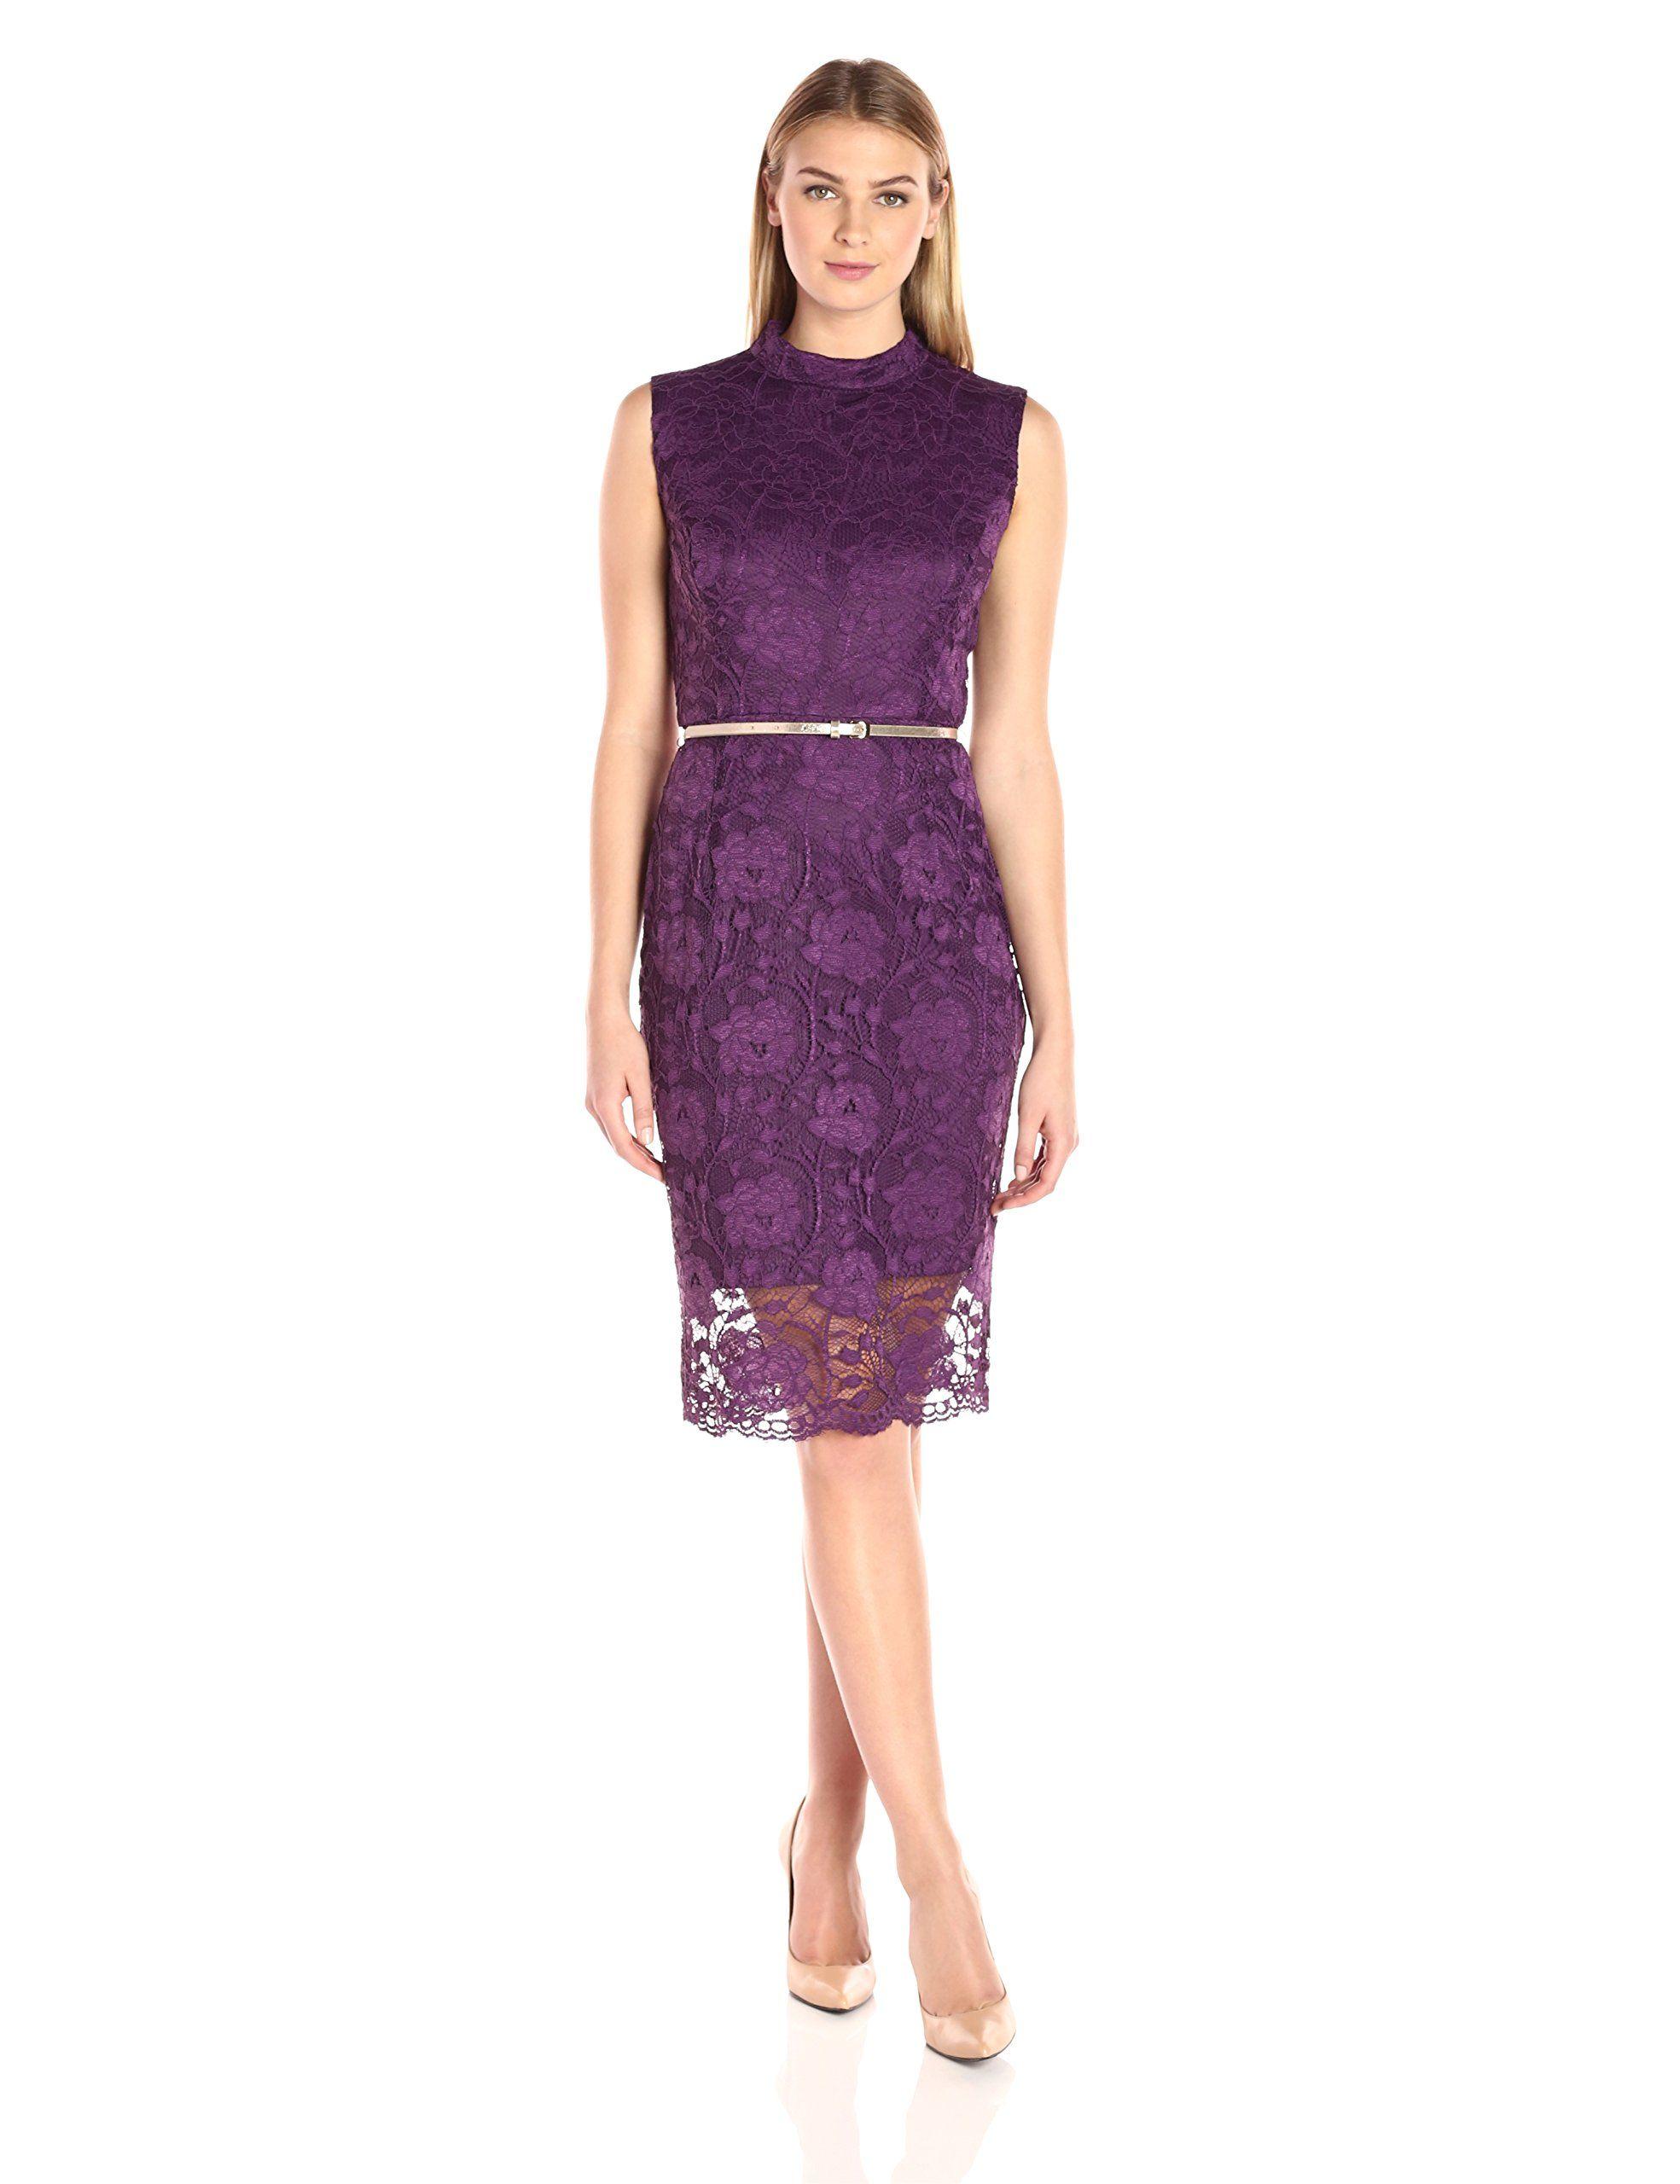 Ellen Tracy Women\'s Lace Mock Neck Dress with Belt | Styles Fashion ...